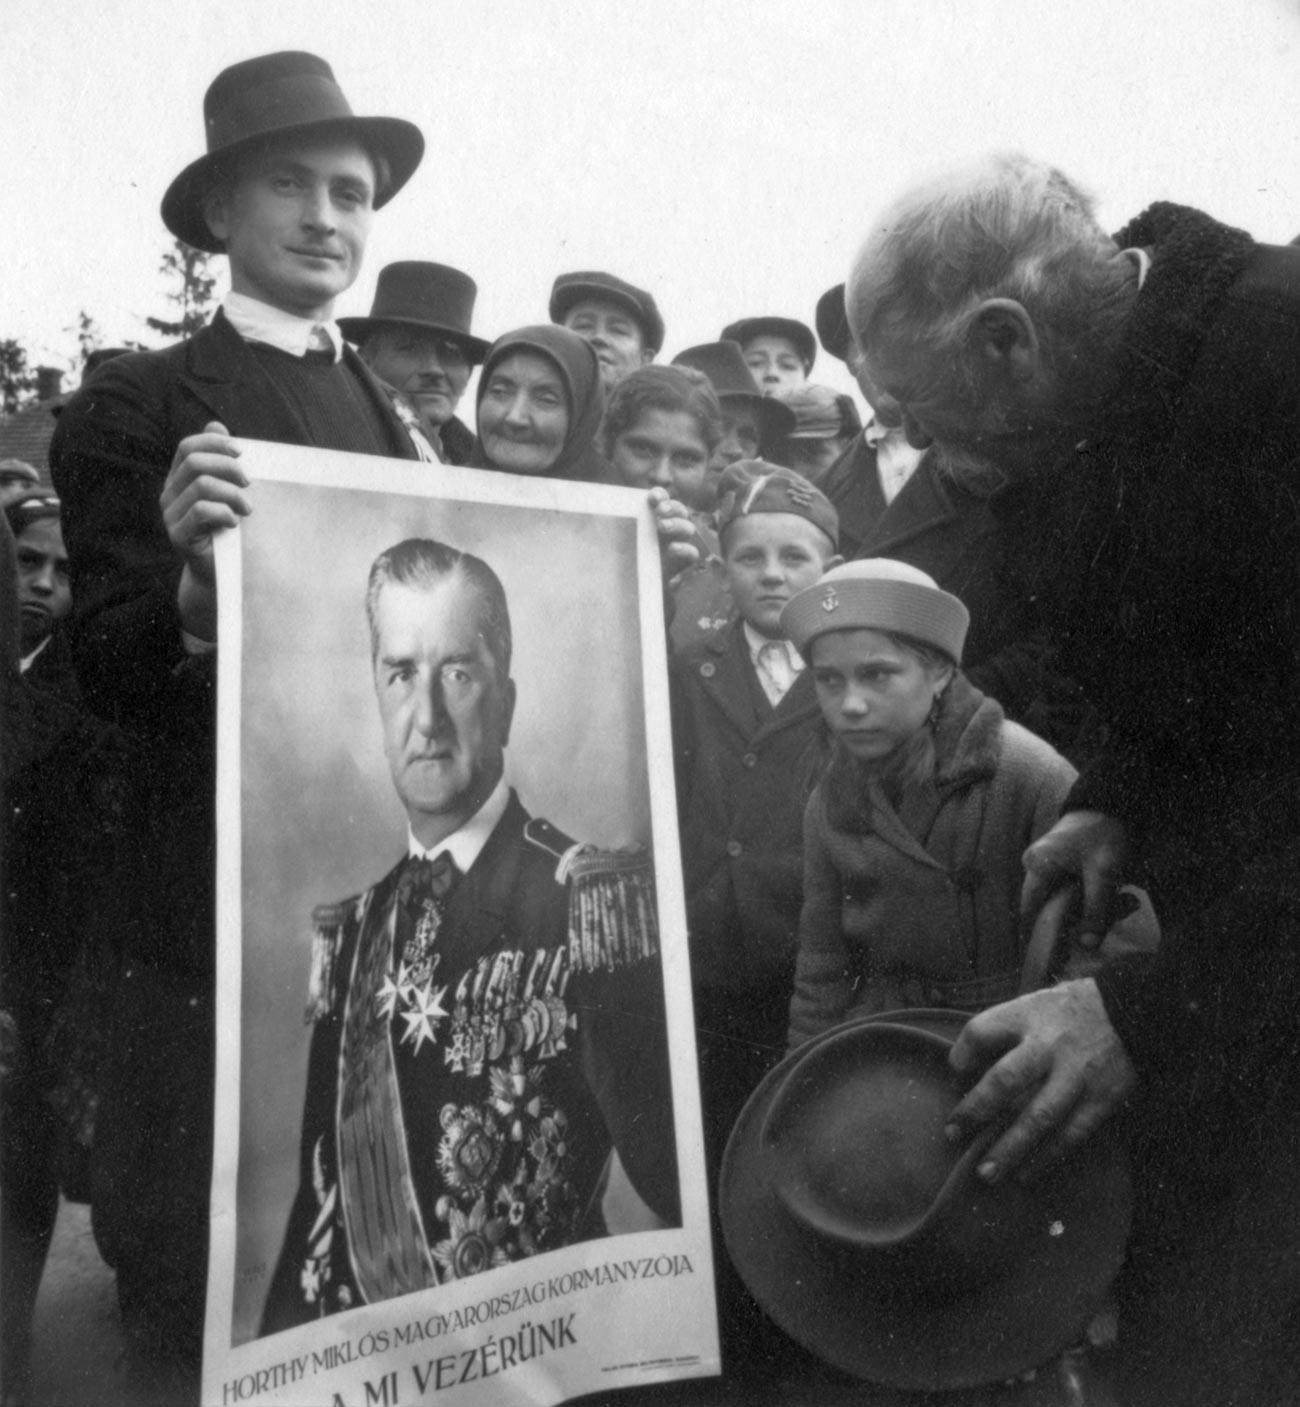 Un cartel con la foto del regente Miklós Horthy.